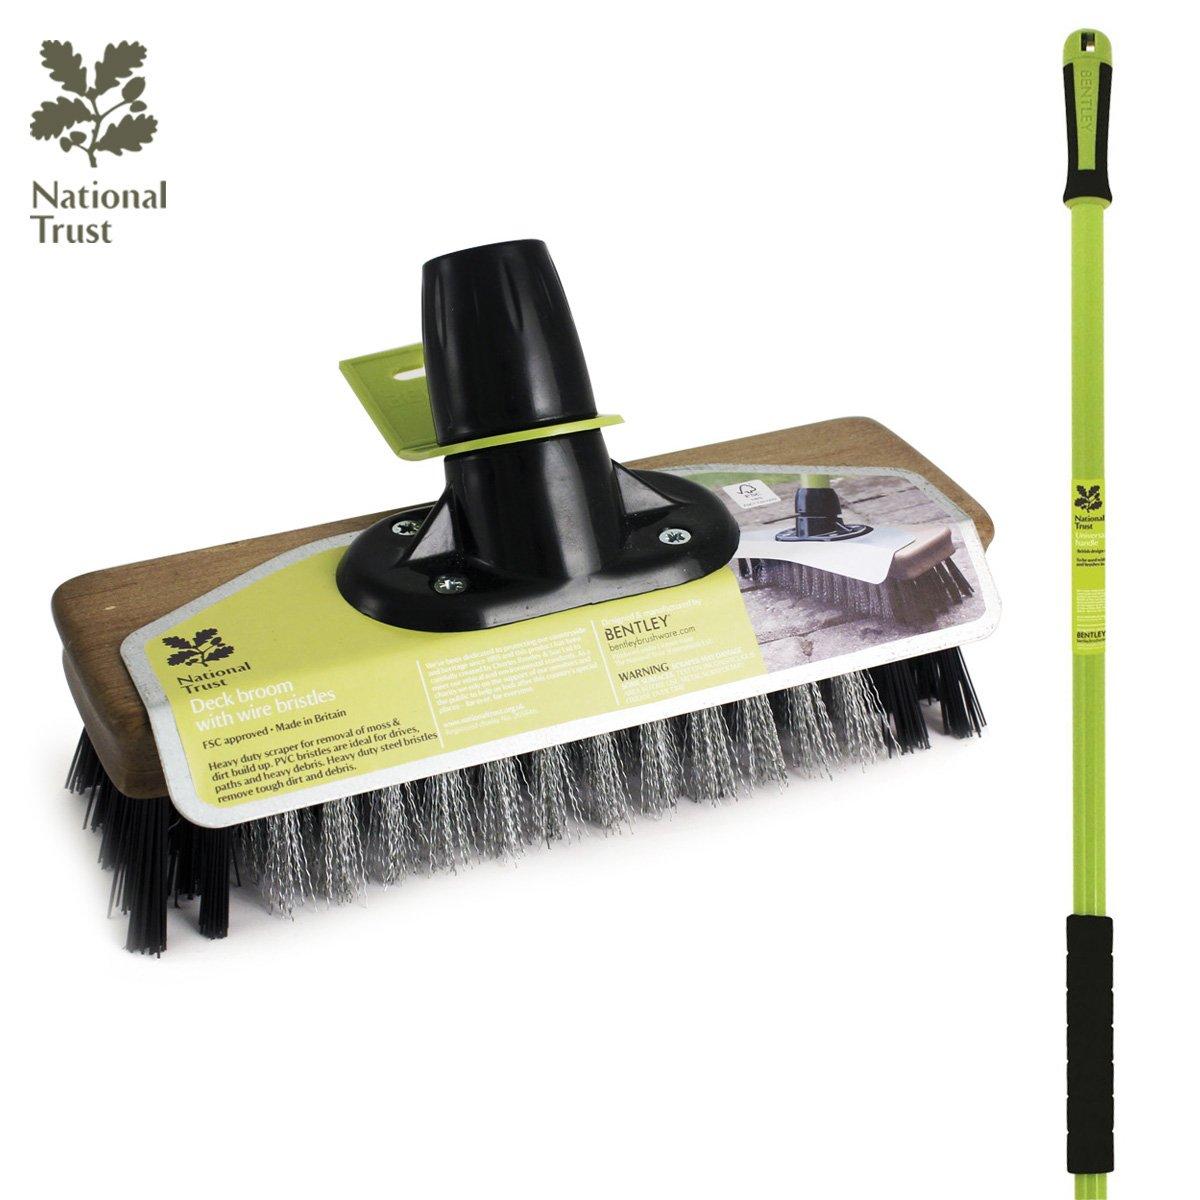 Charles Bentley National Trust Garden 9' Wire Broom With Pvc Patio Brush With Handle Charles Bentley Garden